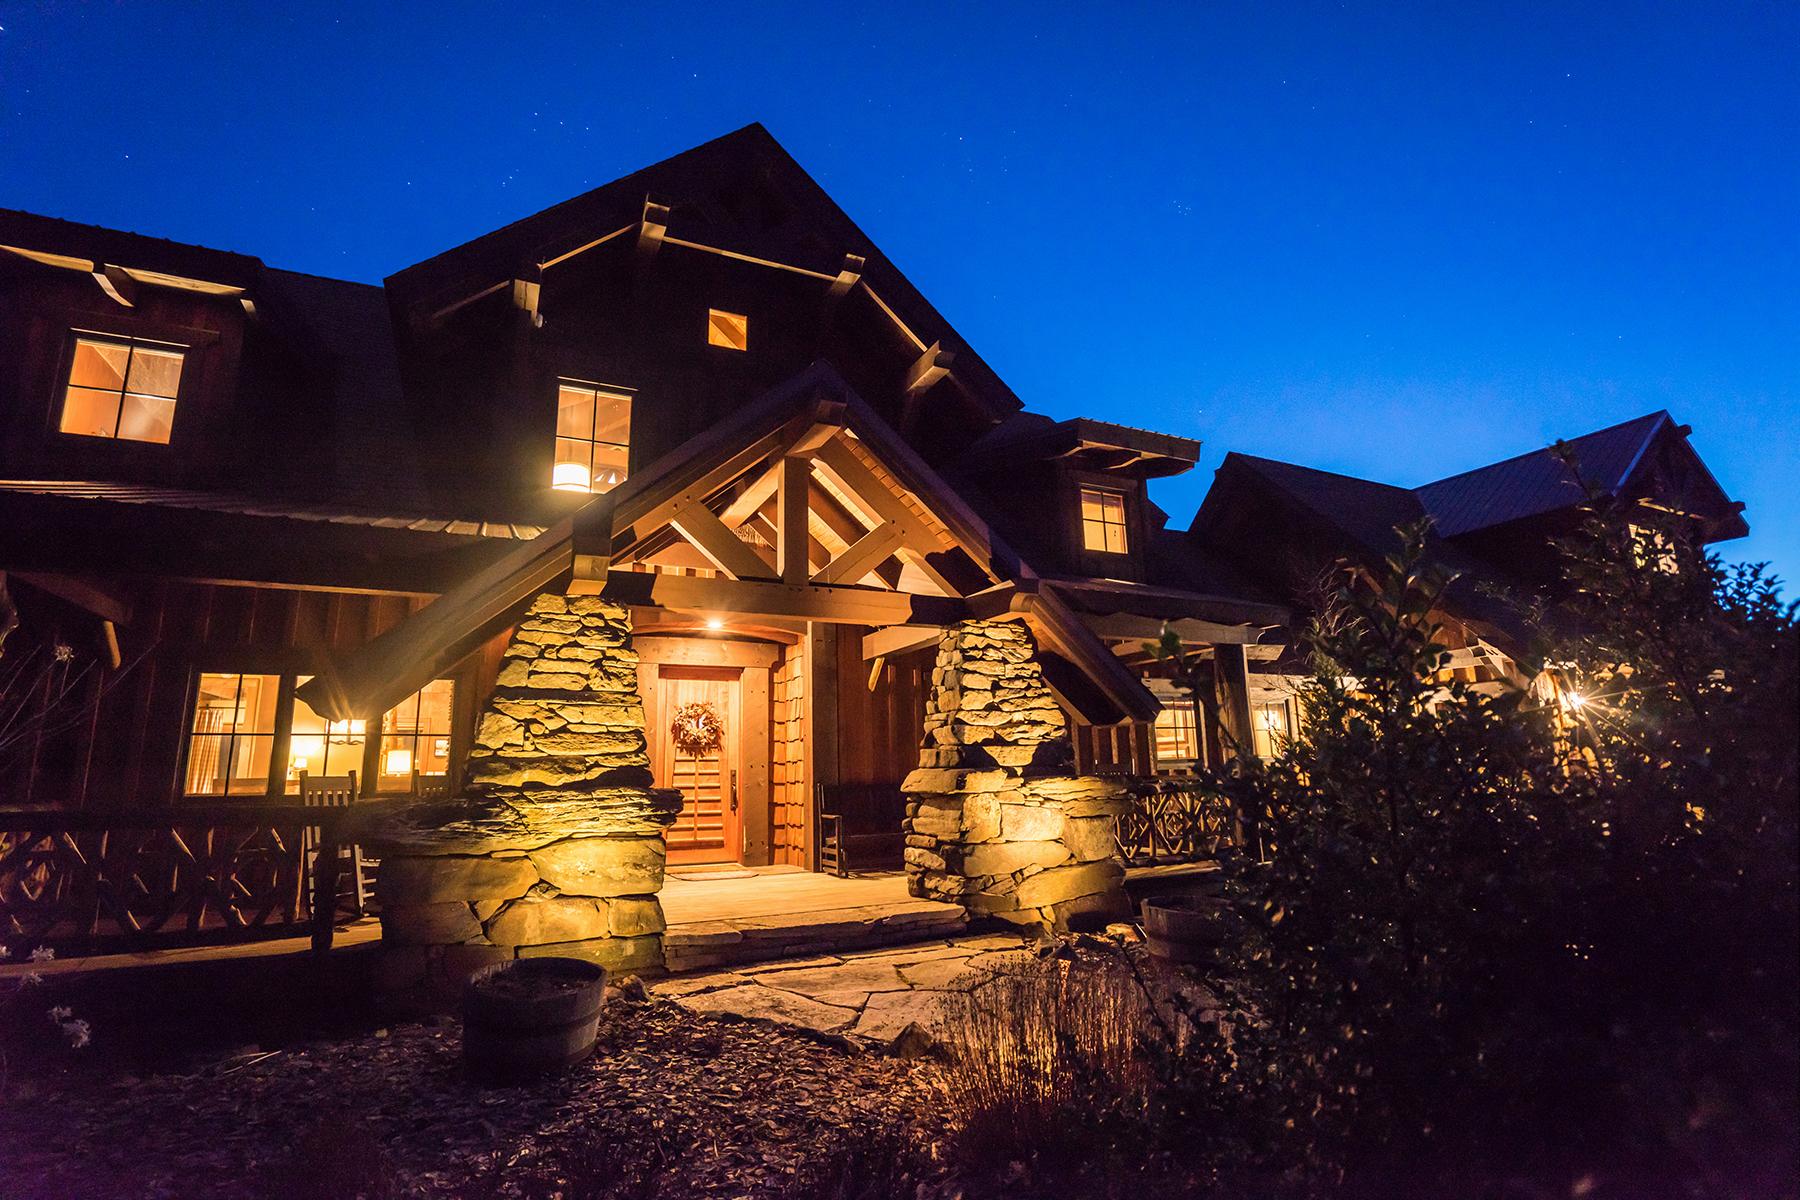 Single Family Home for Sale at SUNALEI PRESERVE ZIONVILLE 862 Buffalo Nvno Zionville, North Carolina, 28698 United States